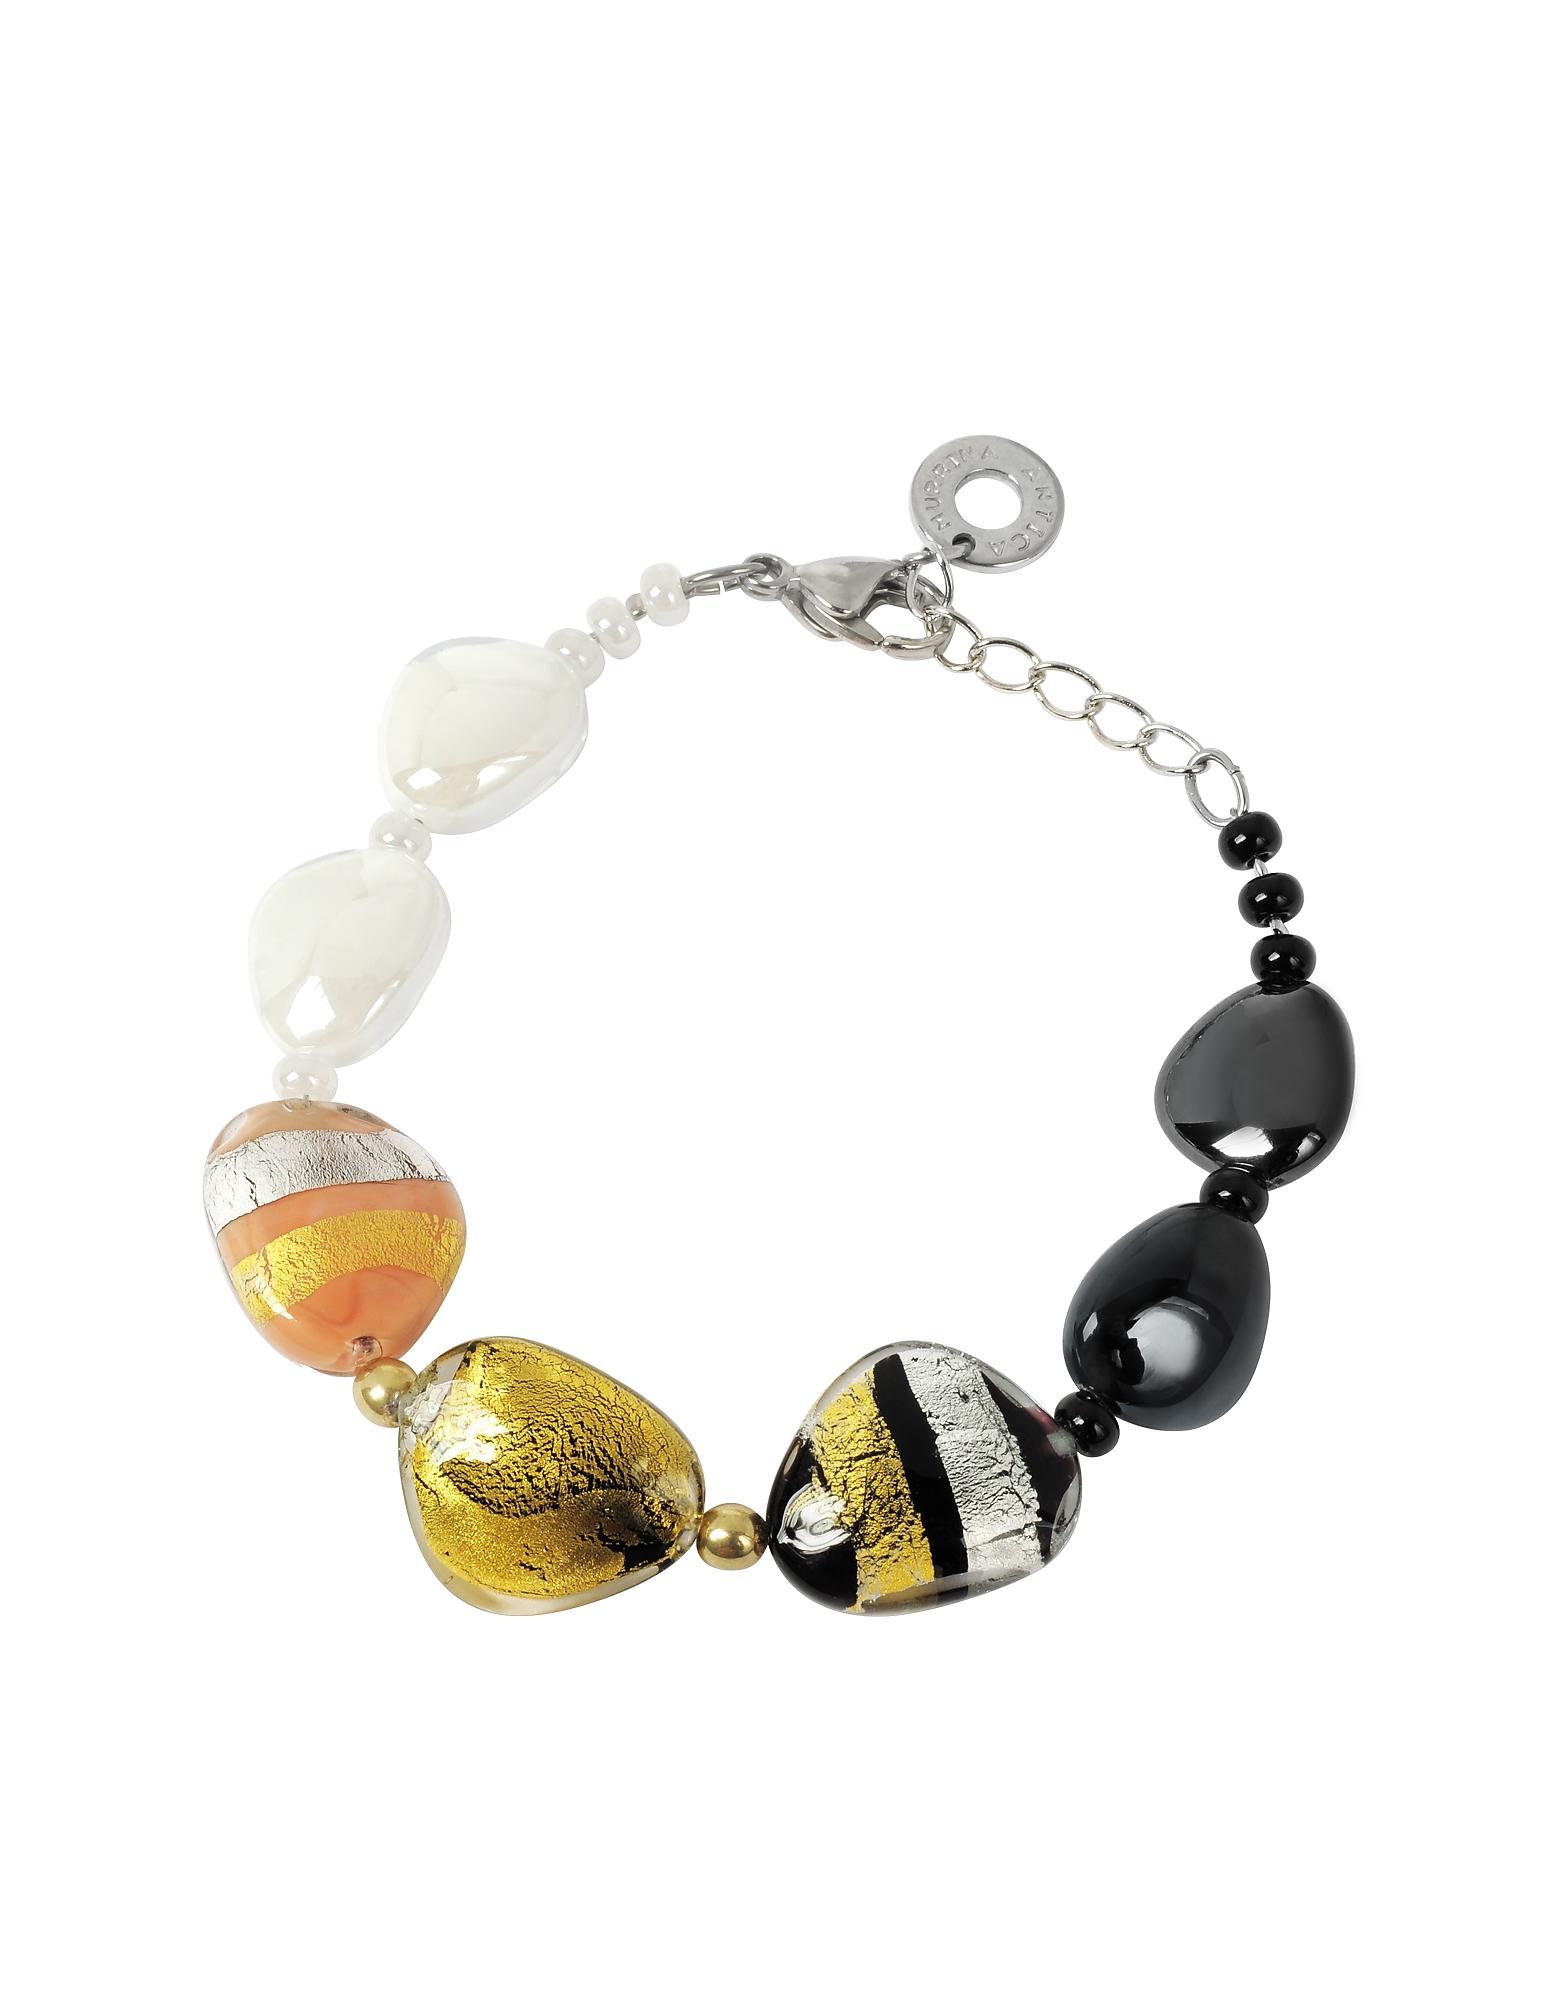 Moretta - Браслет из Стеклянных Бусинок Пастельных Оттенков с Фольгой из Золота 24 карата и Стерлингового Серебра